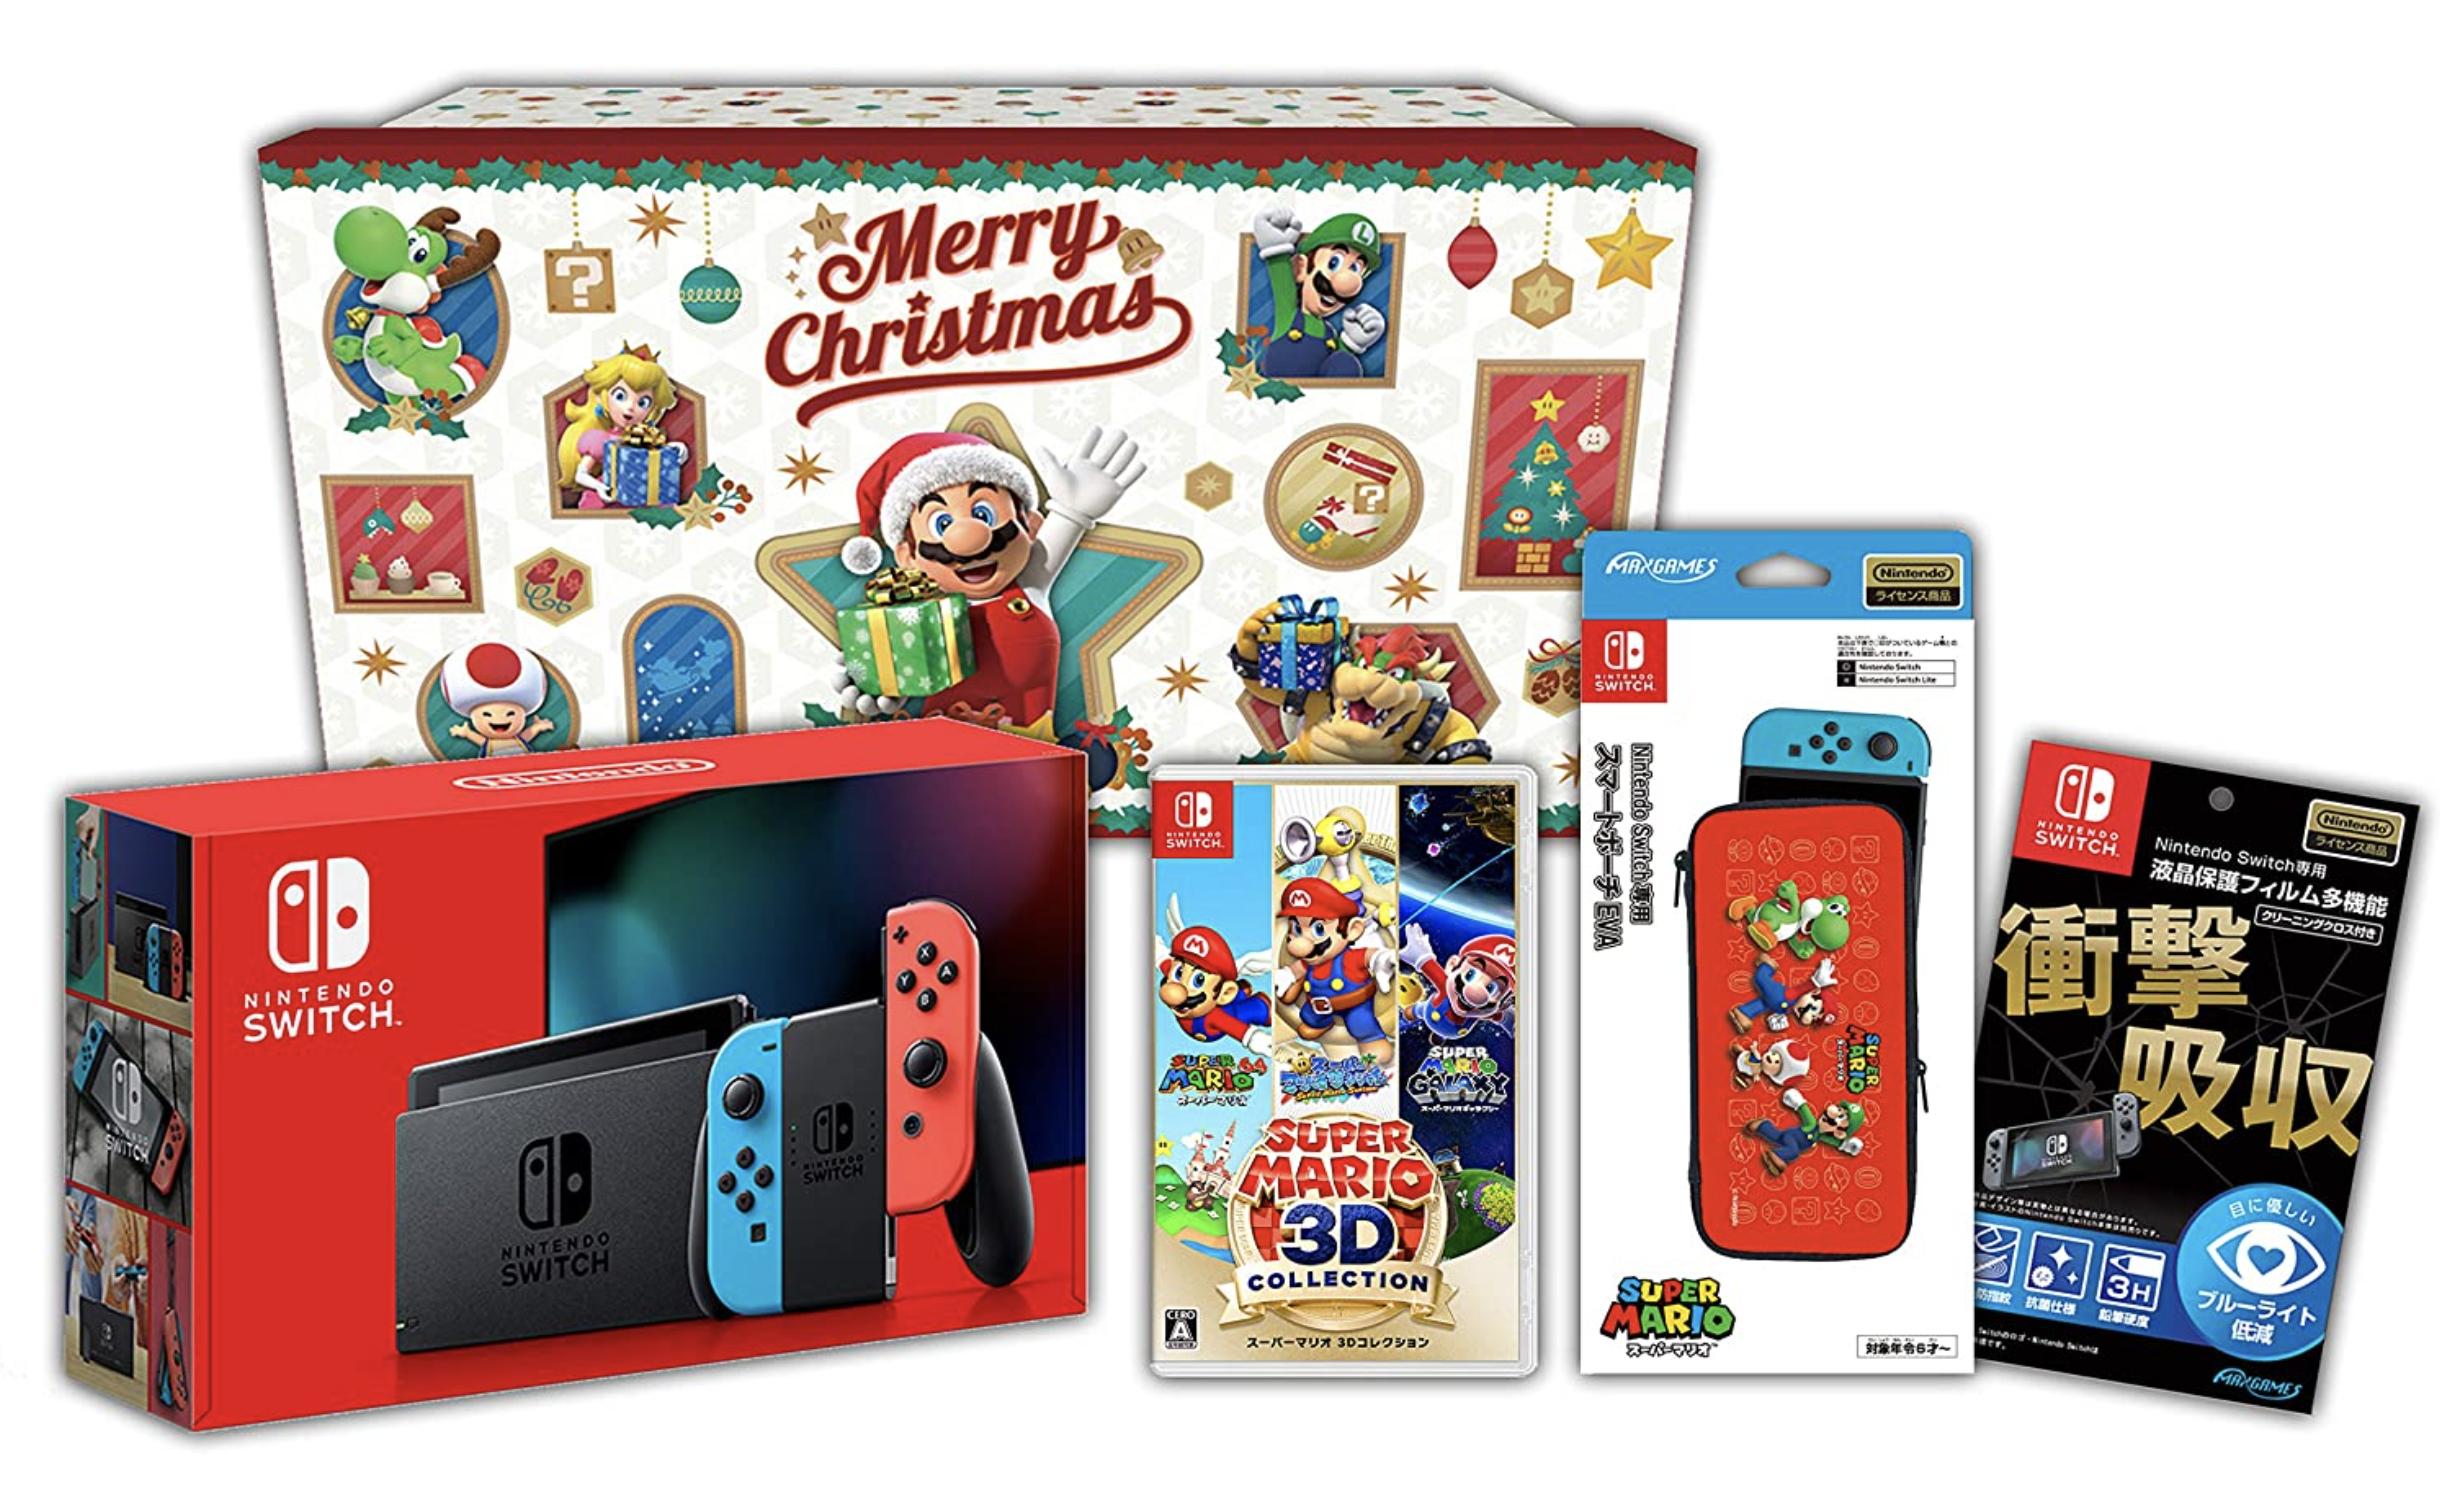 【Amazon.co.jp限定】スーパーマリオ 3Dコレクション+Nintendo Switch 本体 ネオンブルー:ネオンレッド+アクセサリーセット+おまけ付き